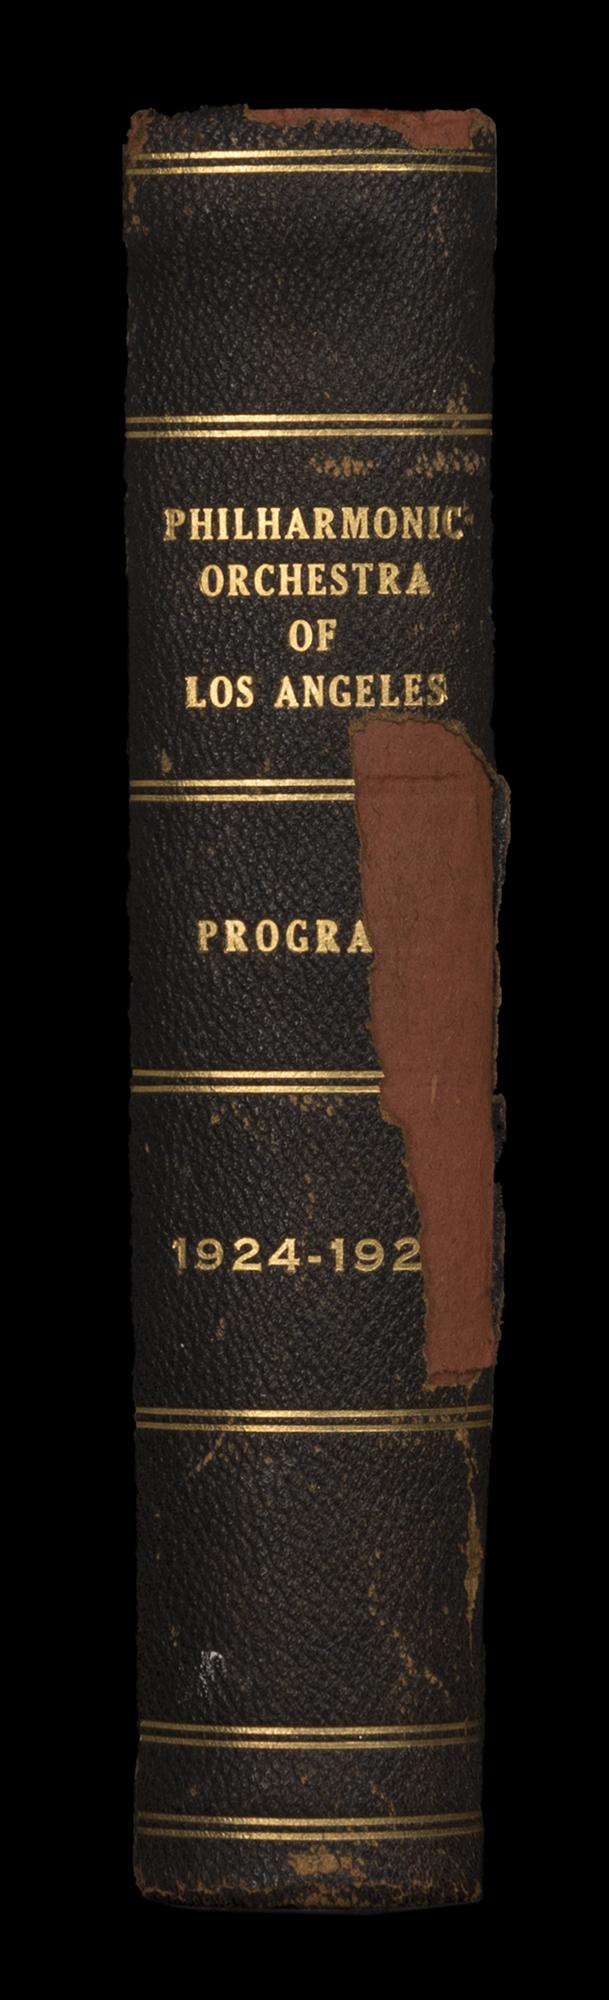 LAPO_ProgramBook_Spine_1924-1925.jpg